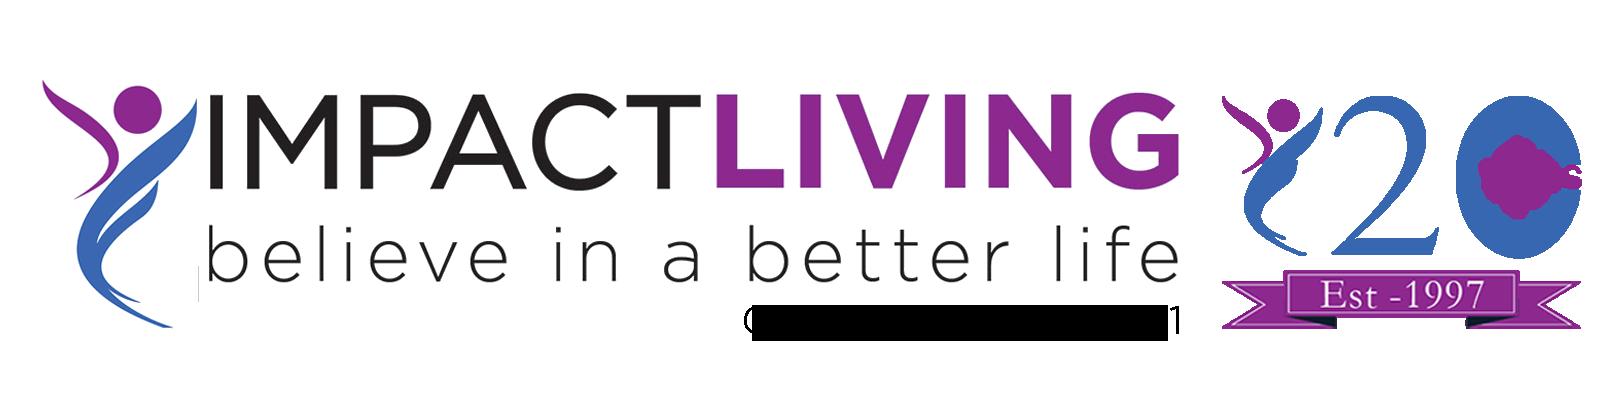 Impact-Living-Logo-20-year-celebration